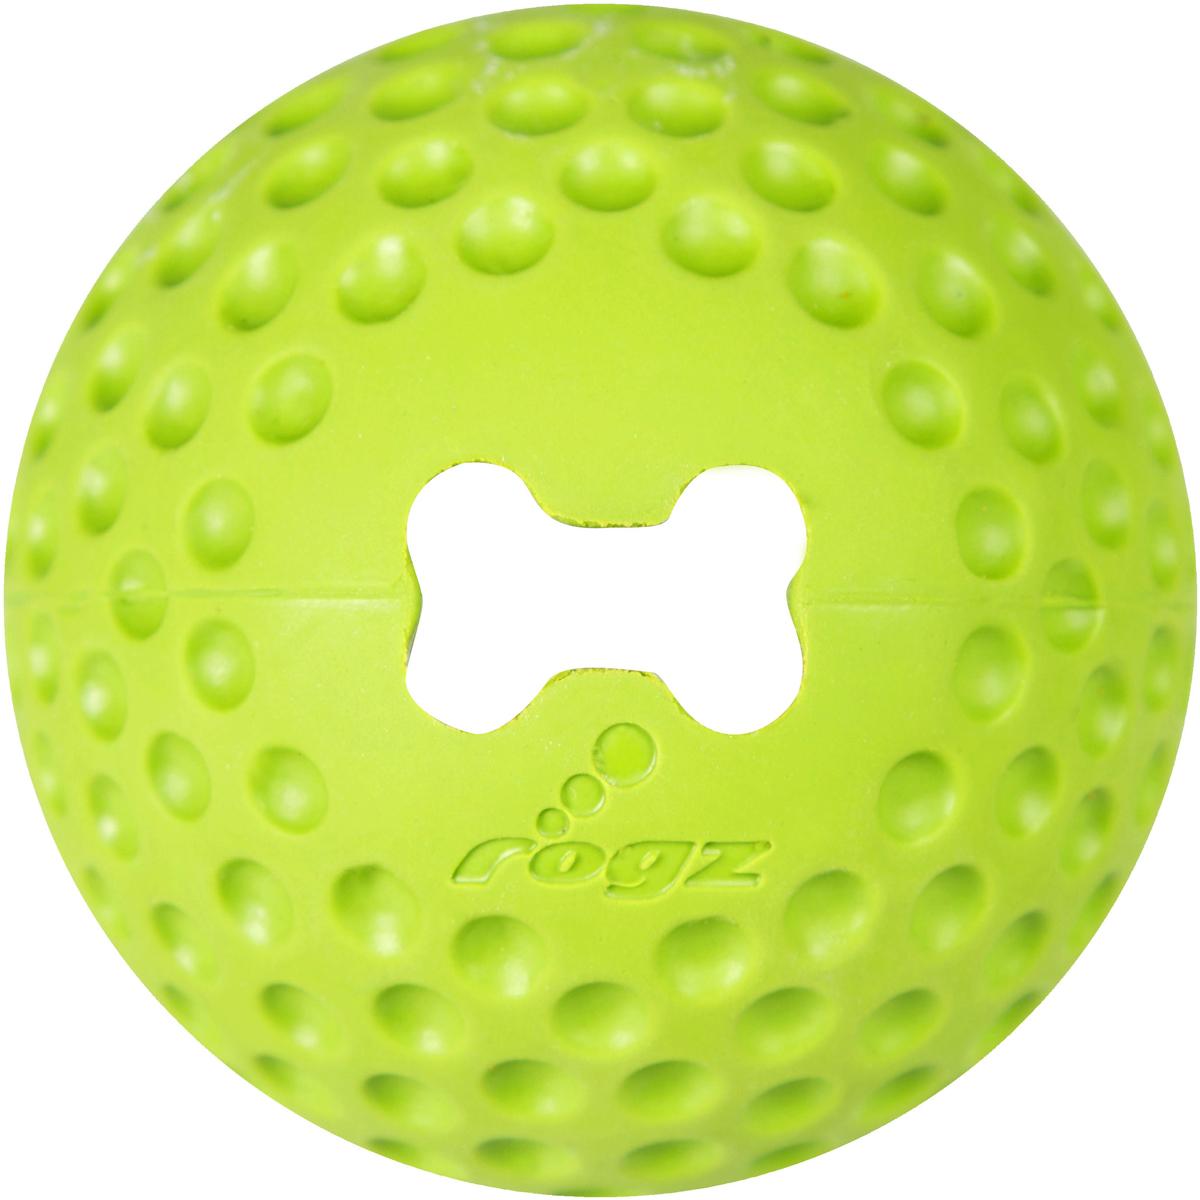 Игрушка для собак Rogz Gumz, с отверстием для лакомства, цвет: лайм, диаметр 4,9 см0120710Игрушка для собак Rogz Gumz тренирует жевательные мышцы и массирует десны собаке. Отлично подходит для дрессировки, так как есть отверстие для лакомства.Отлично подпрыгивает при играх.Занимательная игрушка выдерживает долгое жевание и разгрызание. Материал изделия: 85 % натуральной резины, 15 % синтетической резины. Не токсичен.